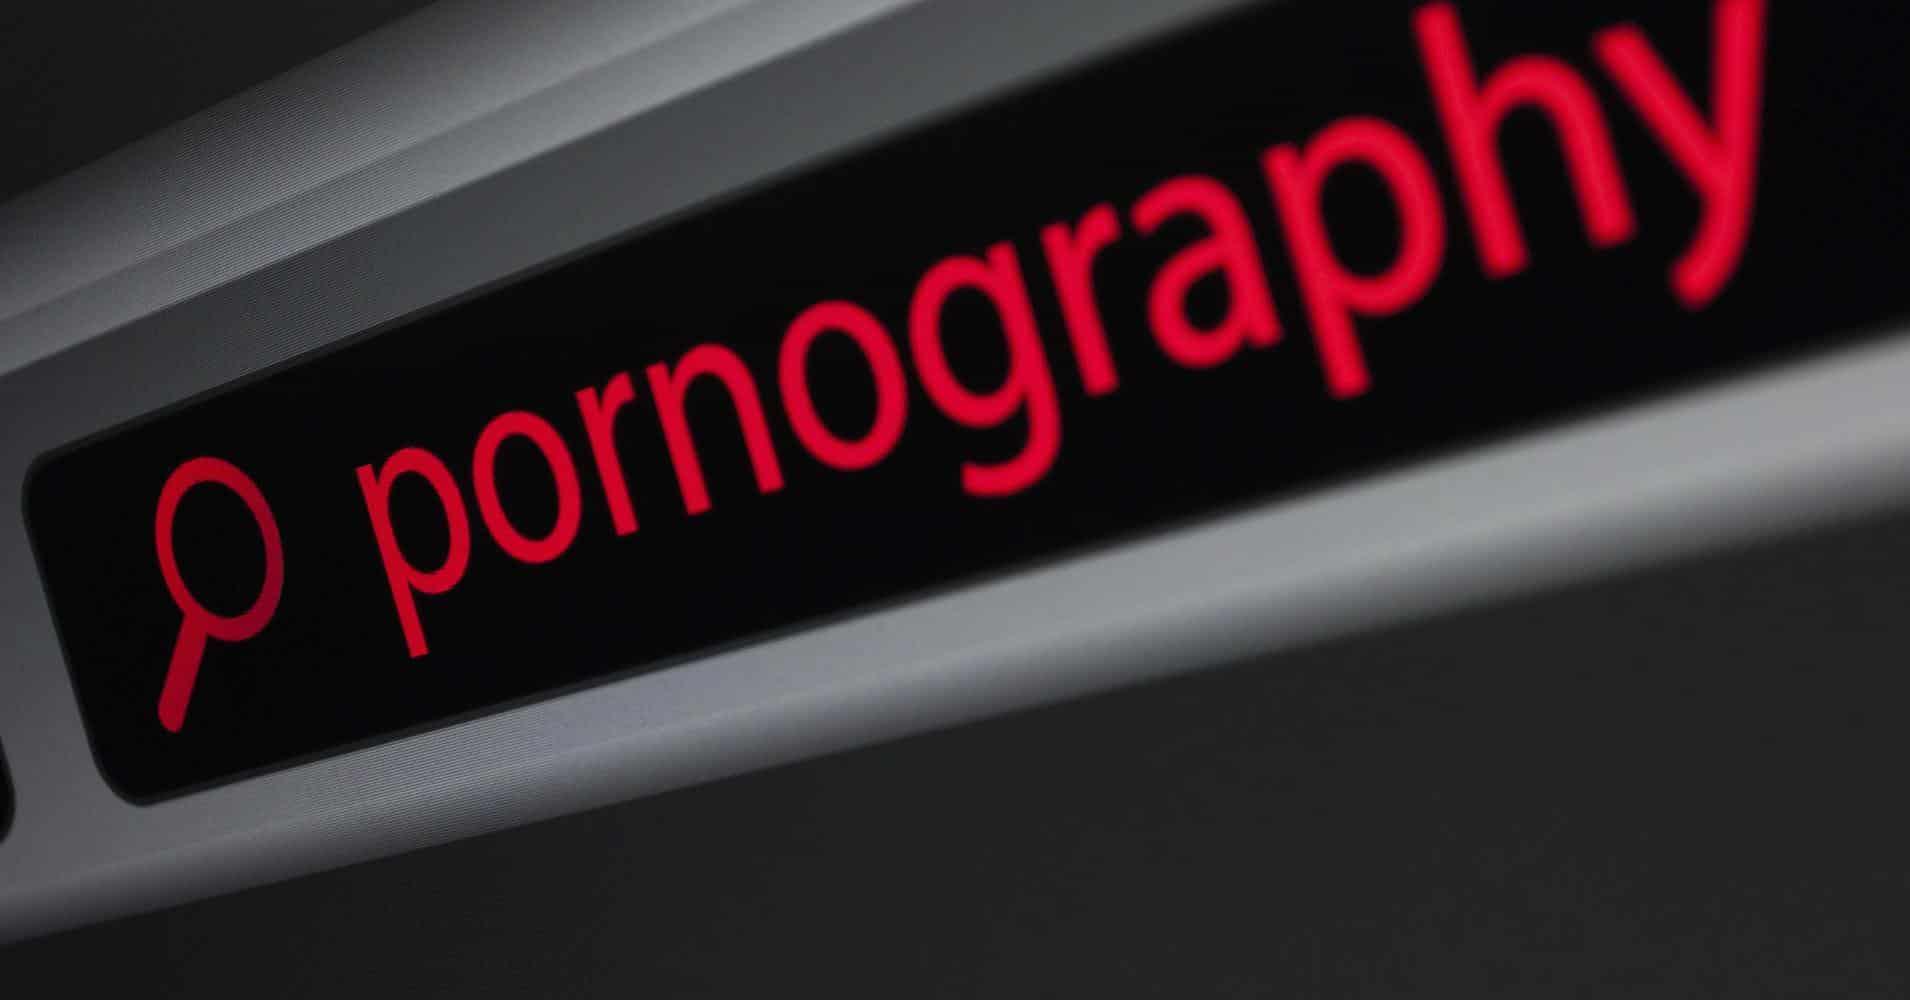 Google dejará de publicitar cualquier contenido relacionado con pornografía en la Web.